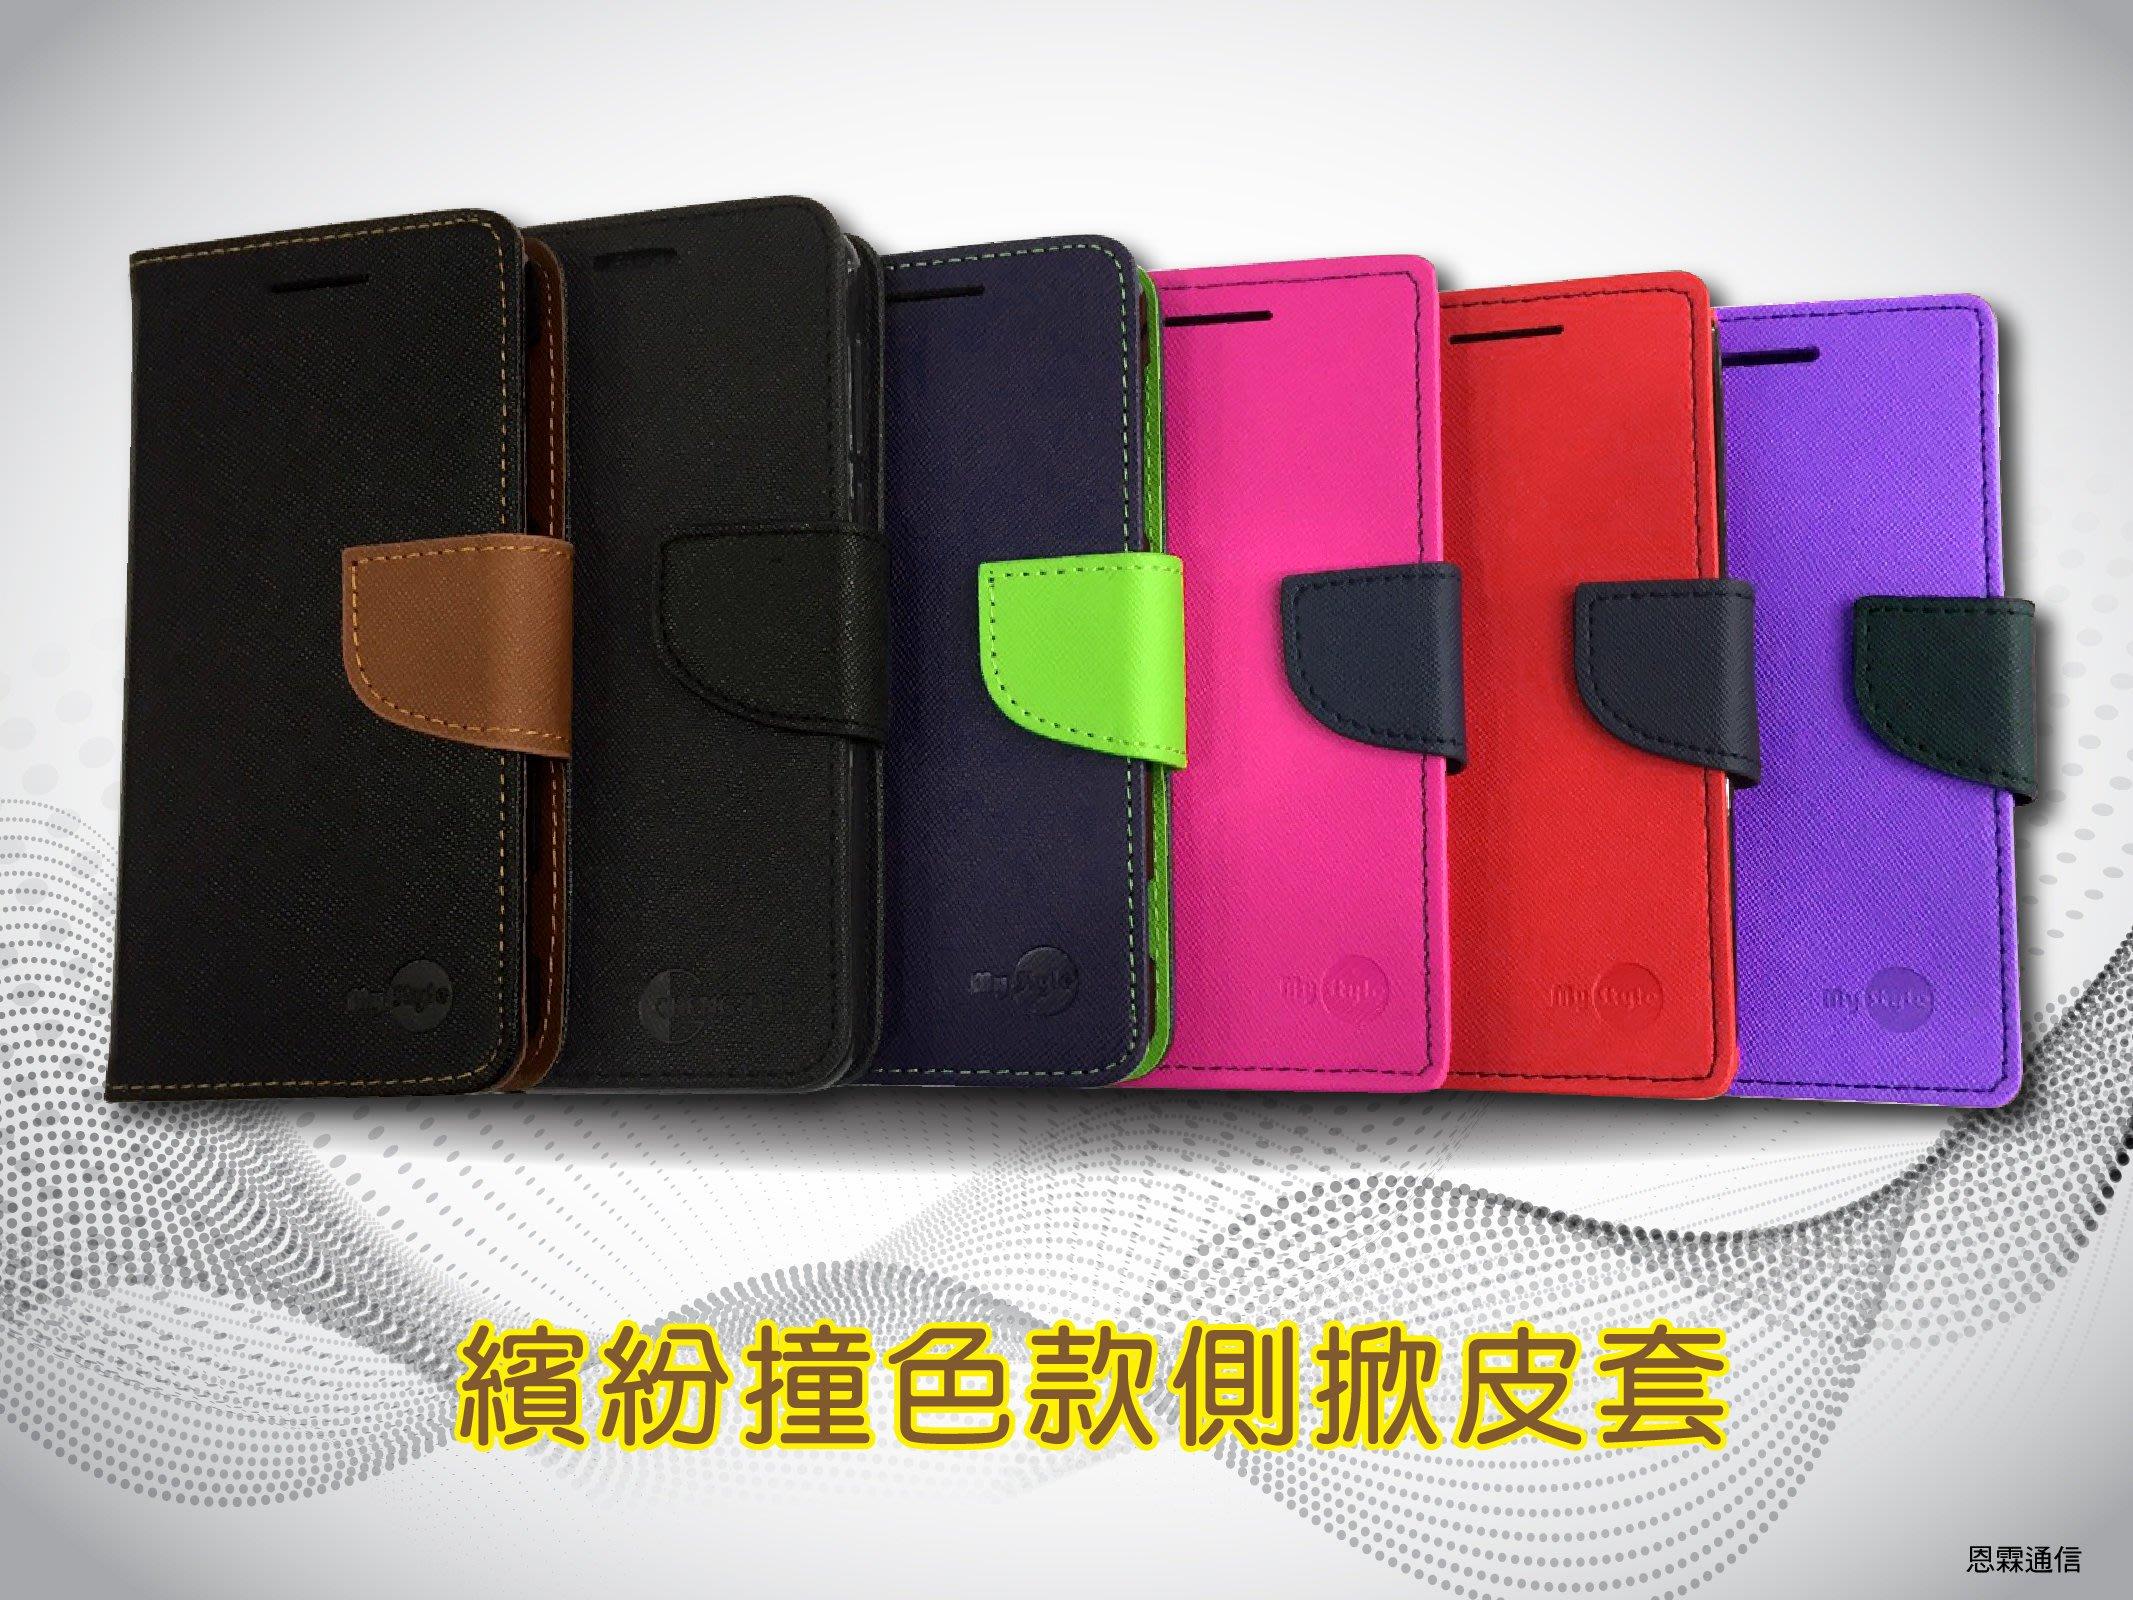 【繽紛撞色款~側翻皮套】OPPO F1s A59 A1601 5.5吋 手機皮套 側掀皮套 手機套 書本套 保護套 保護殼